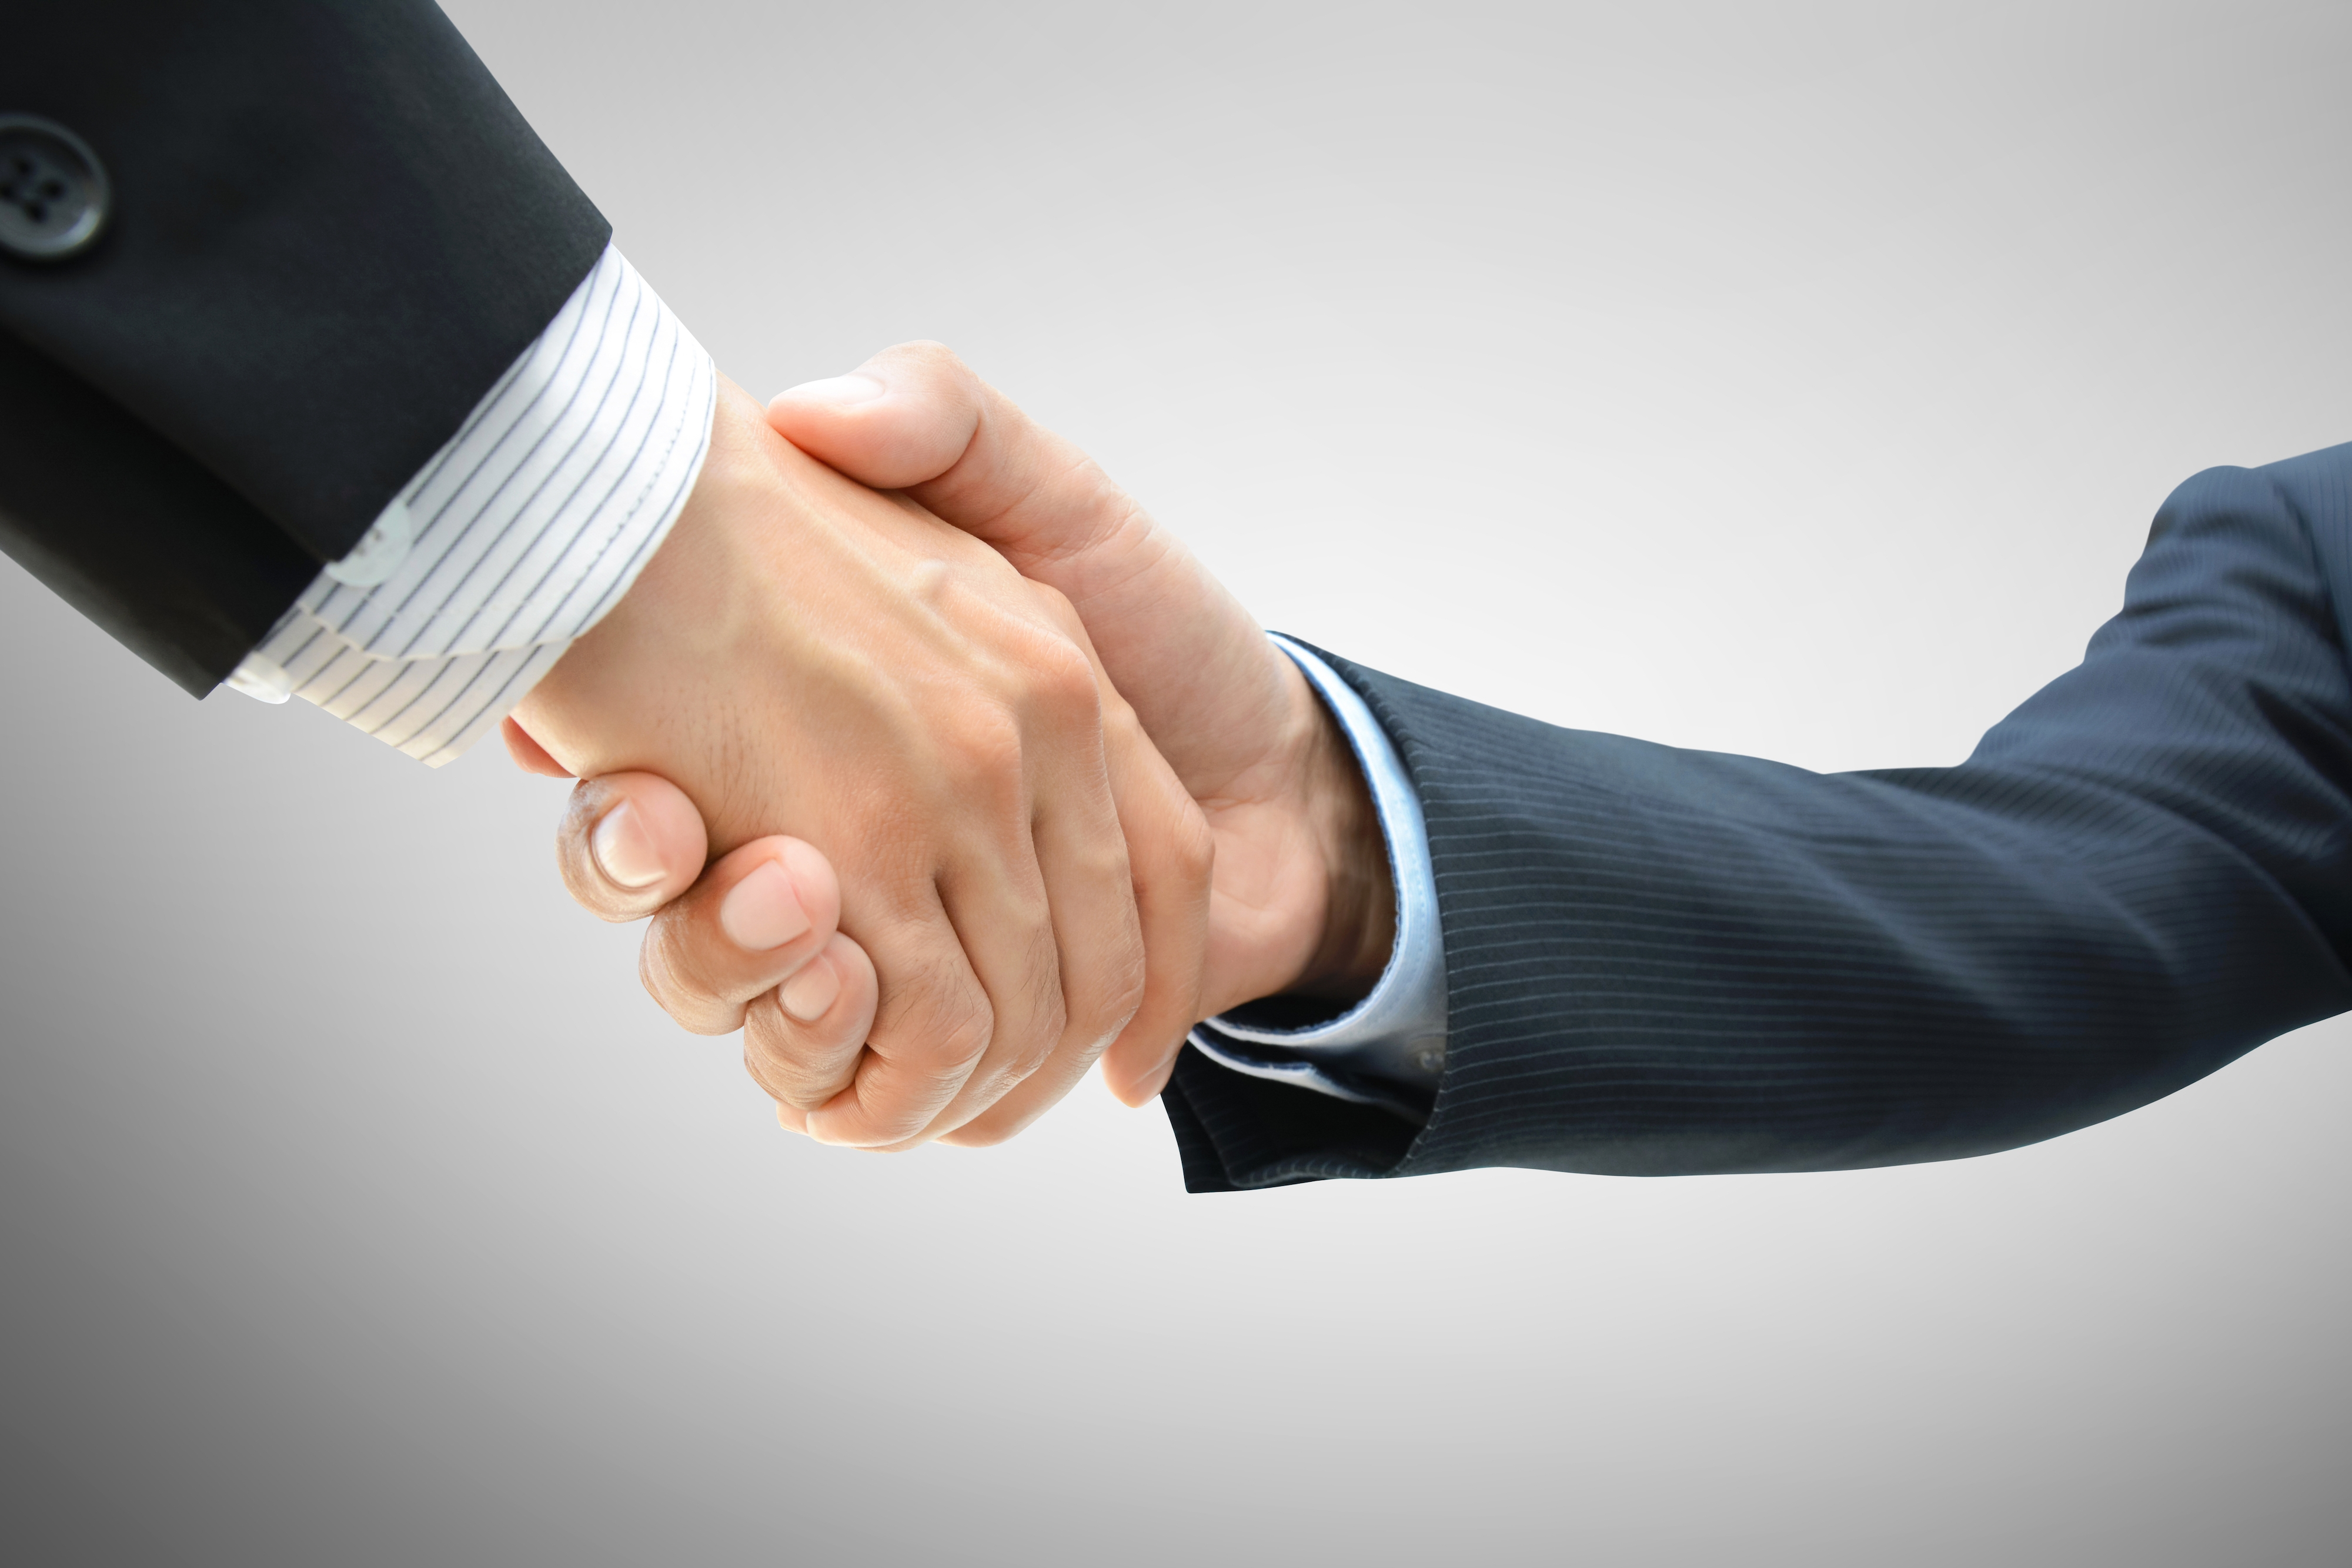 67e63b1a50b546f2ad1a_a7f499fa8af929126229_5f6196dd99eeb4420b8c_Business_Handshake.jpg